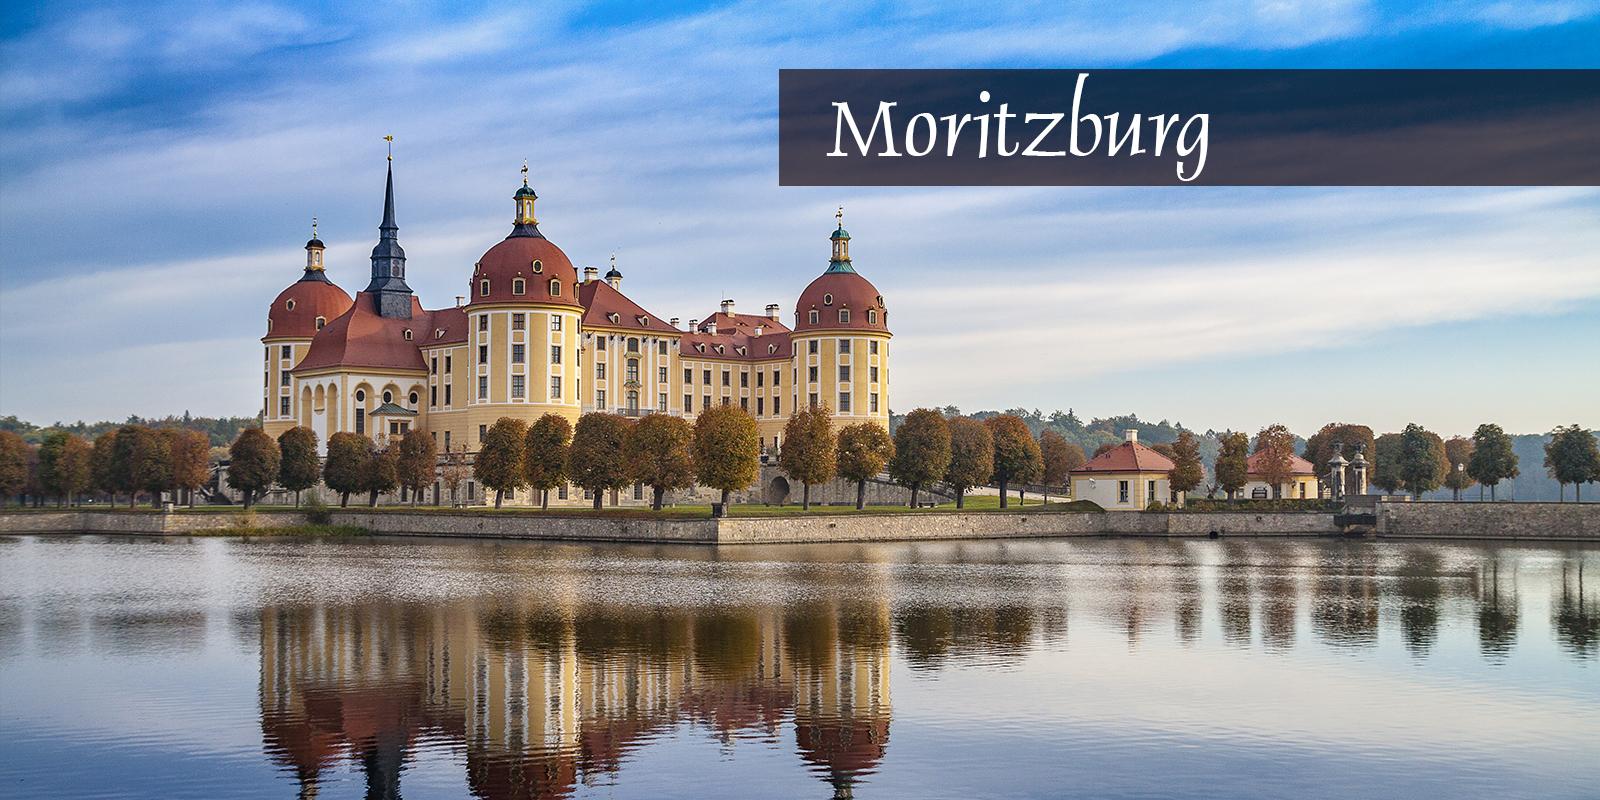 Moritzburg Pałac Zamek Drezno Saksonia Niemcy Zwiedzanie Atrakcje